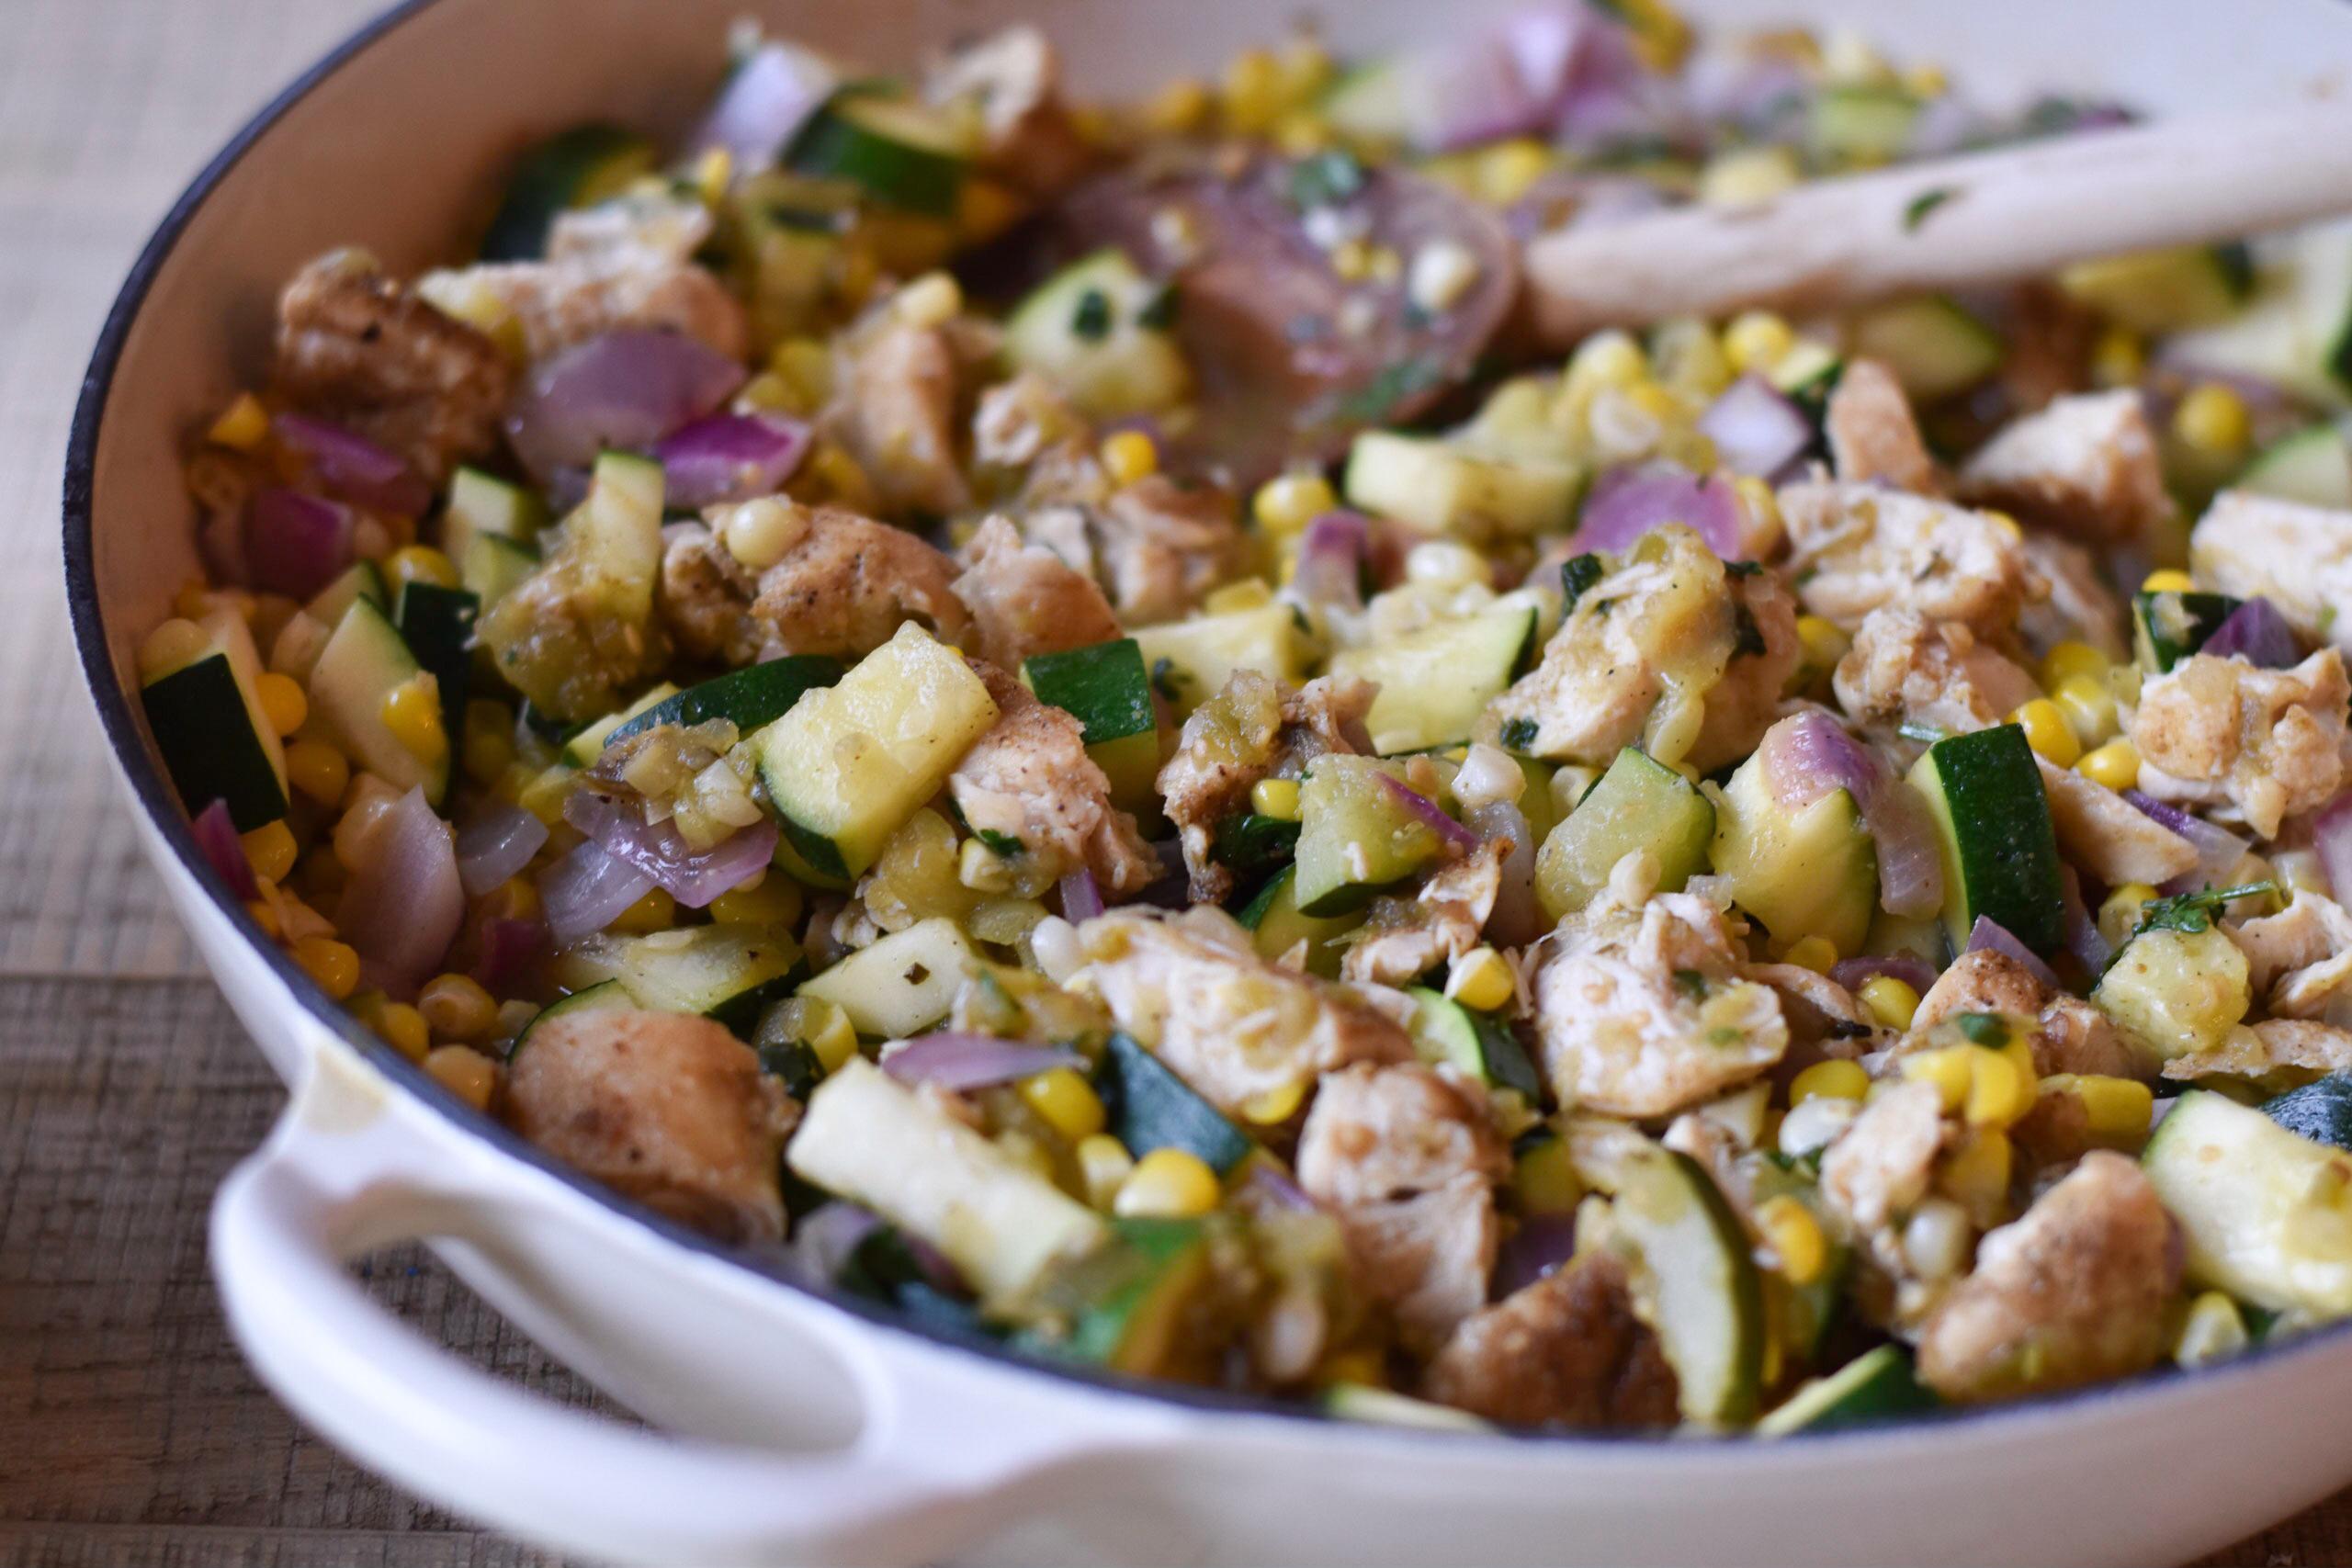 Sweet corn, zucchini, and chicken tostadas